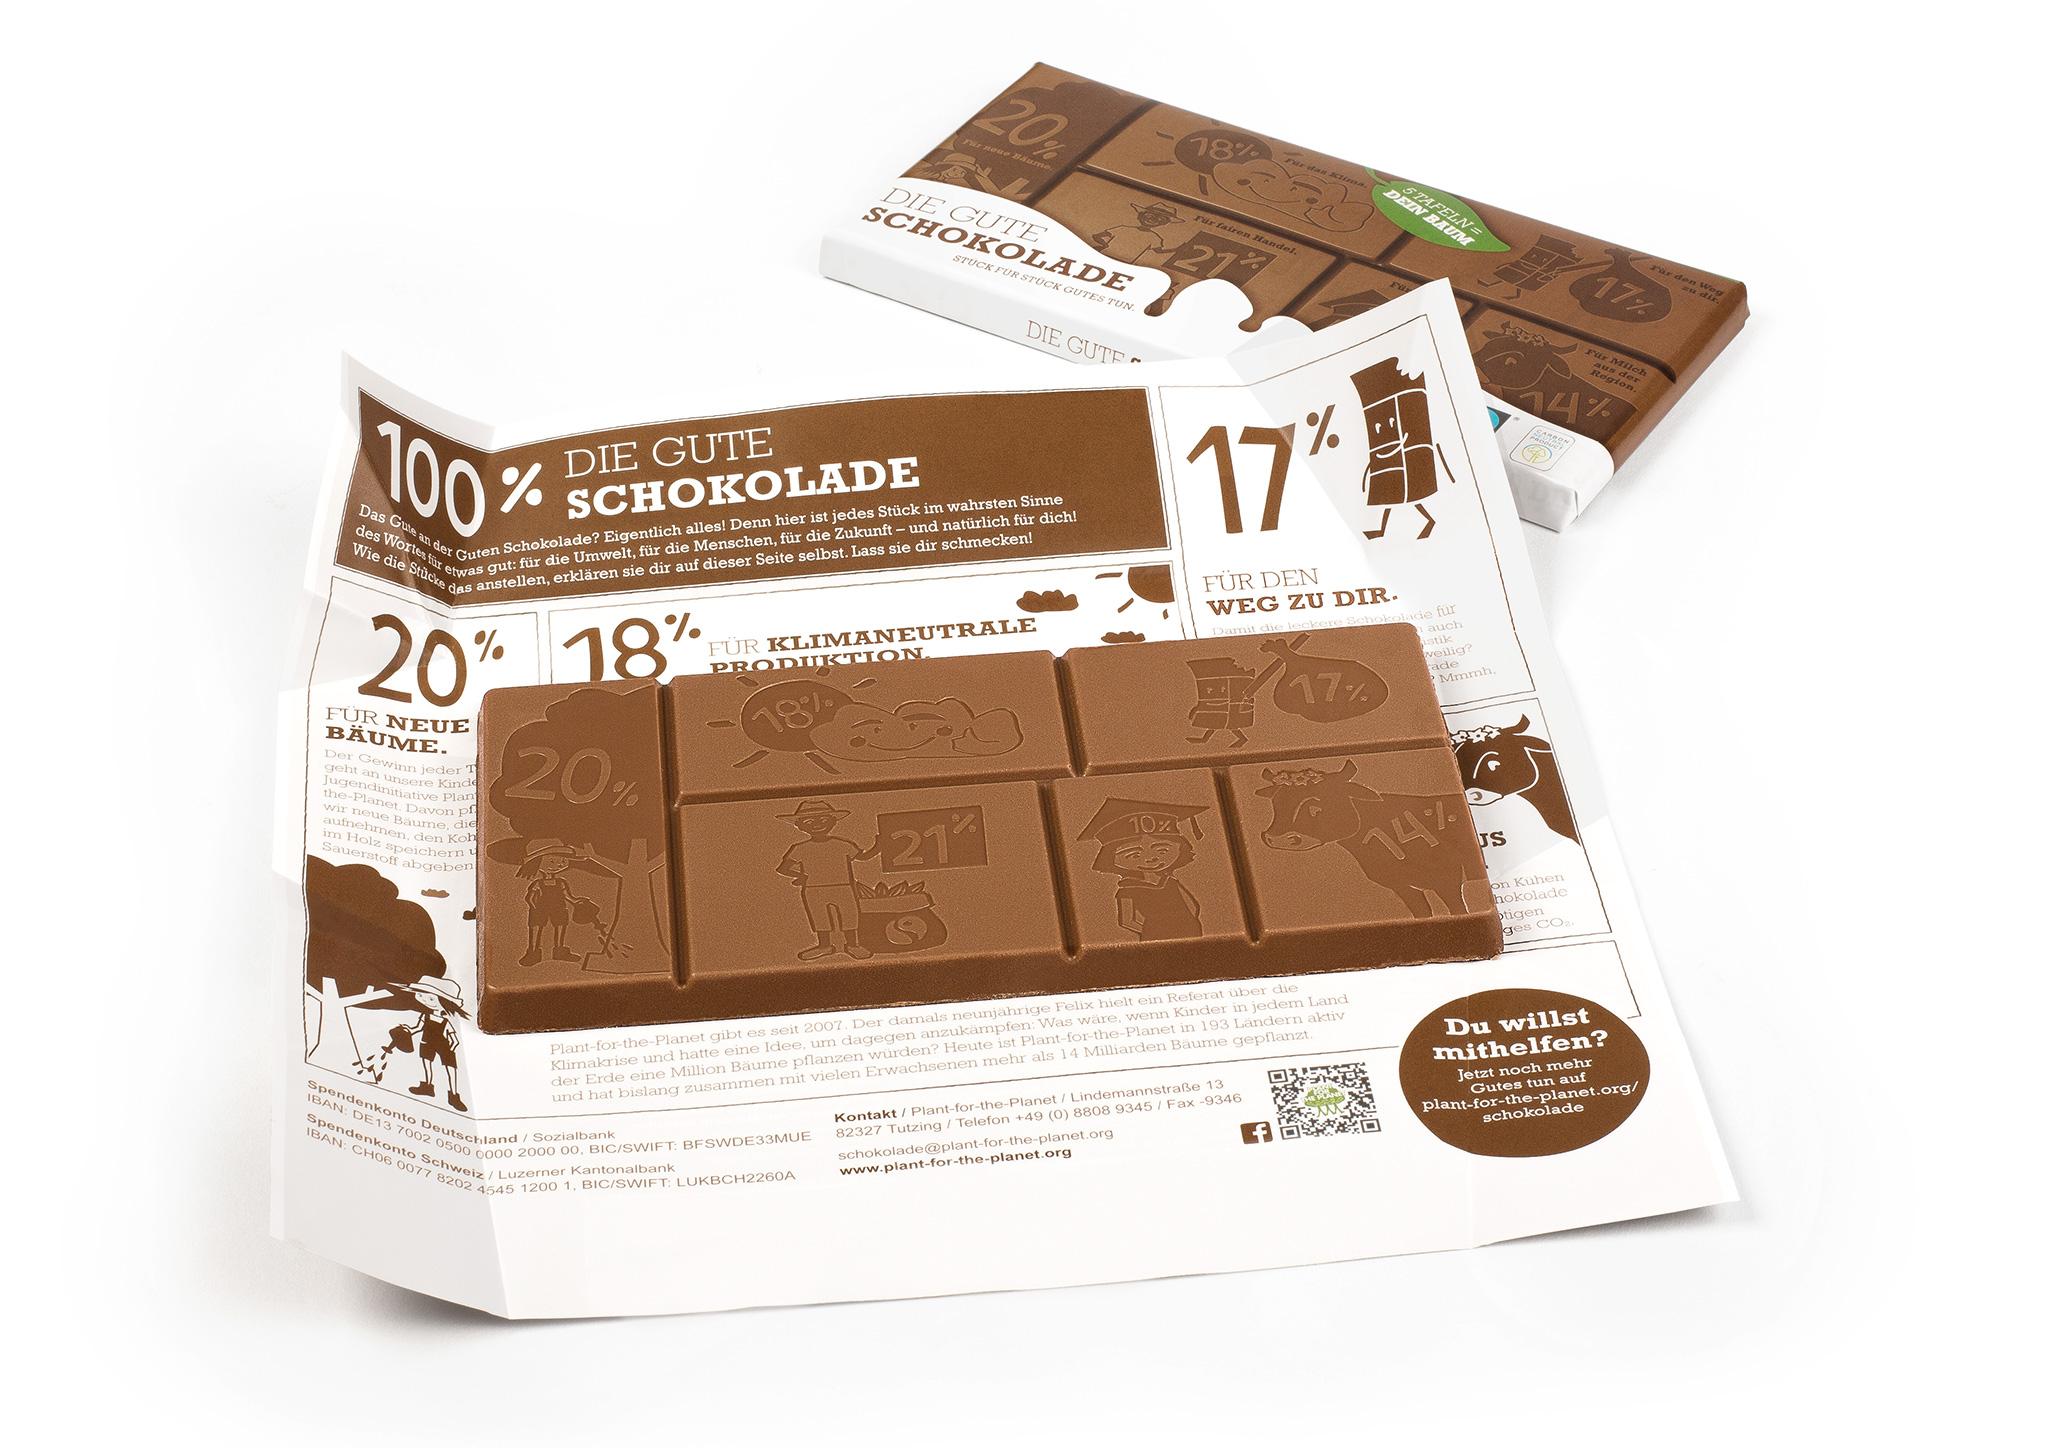 Idee N° 34: Die Gute Schokolade